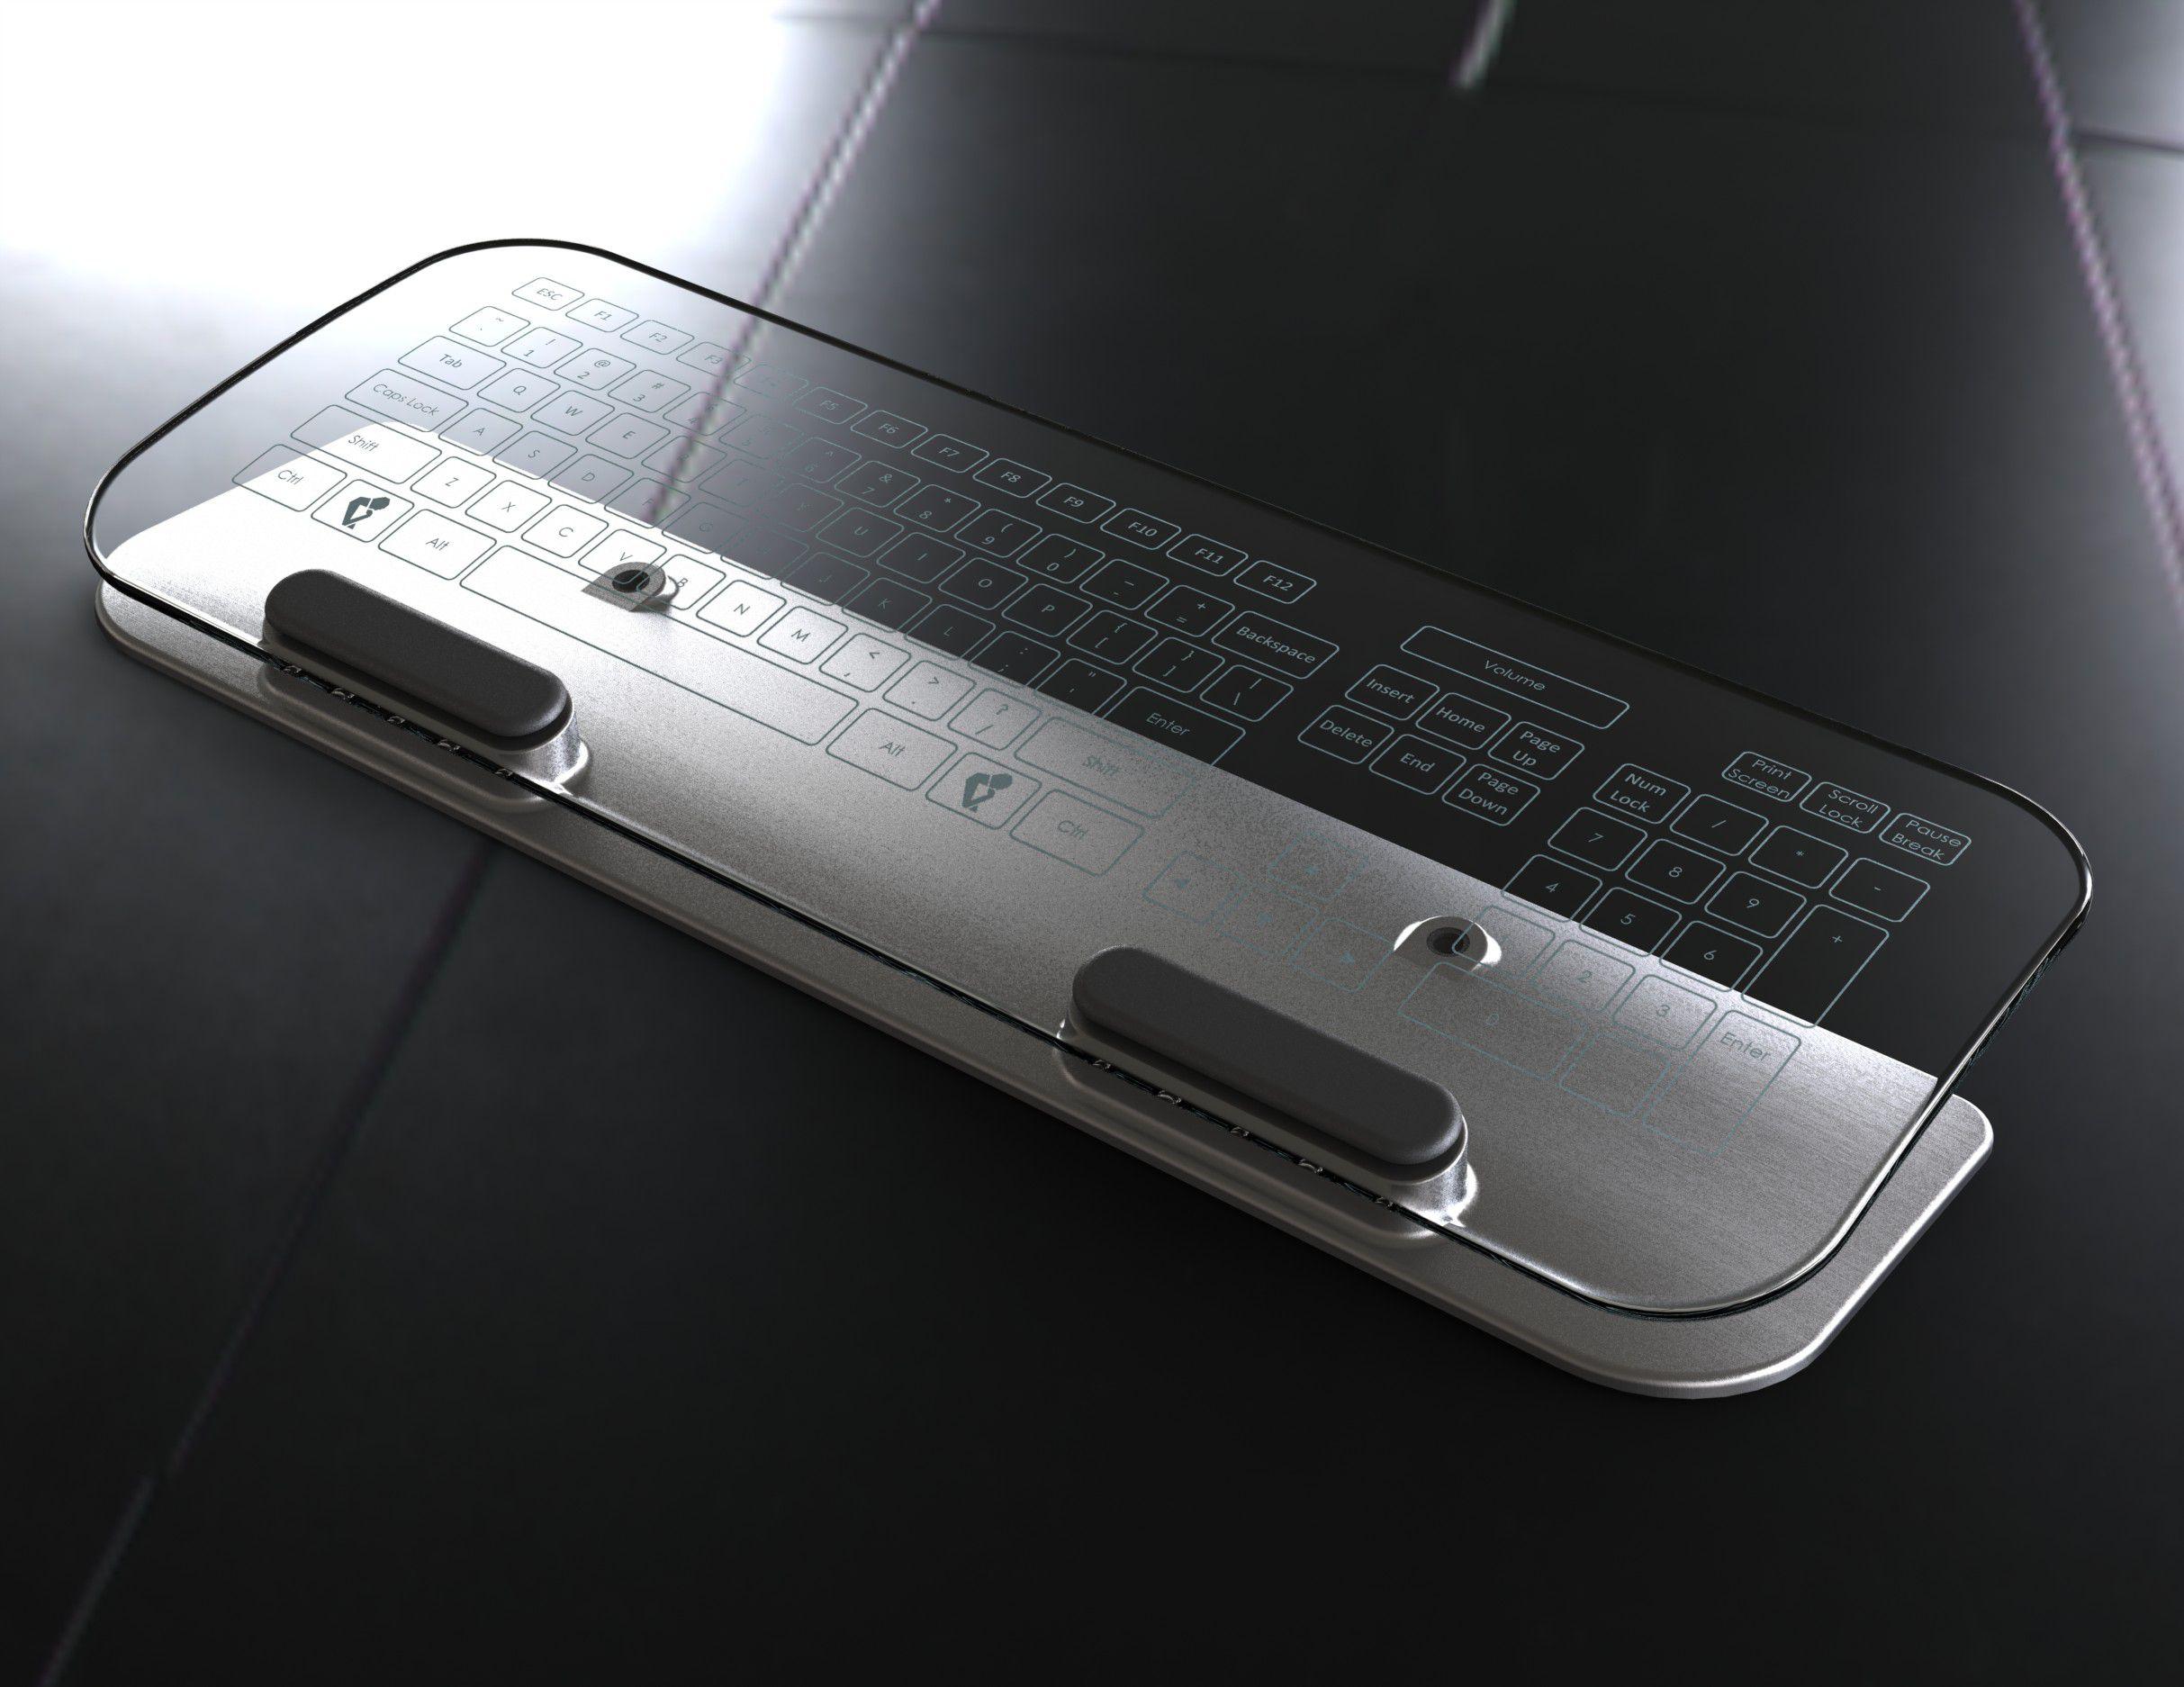 01-Weihnachtswunsch-Tastatur-und-Maus-aus-Glas-Keyboard-470.JPG?nocache=1322559442086